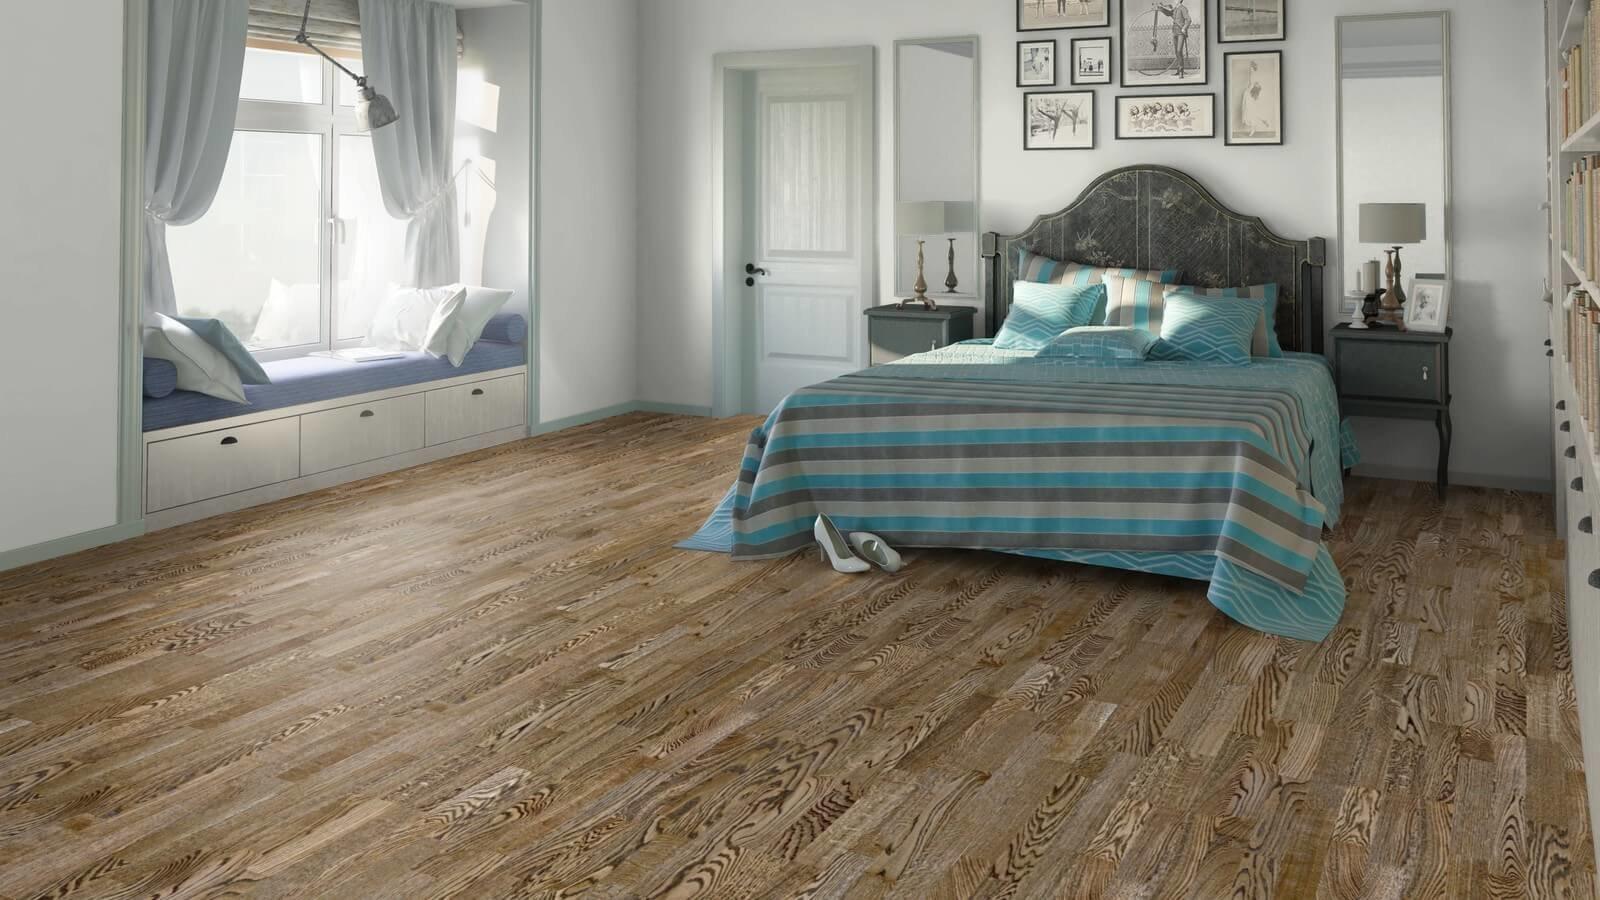 Для напольного покрытия в винтажной стилистике выбираю качественную и необработанную древесину.